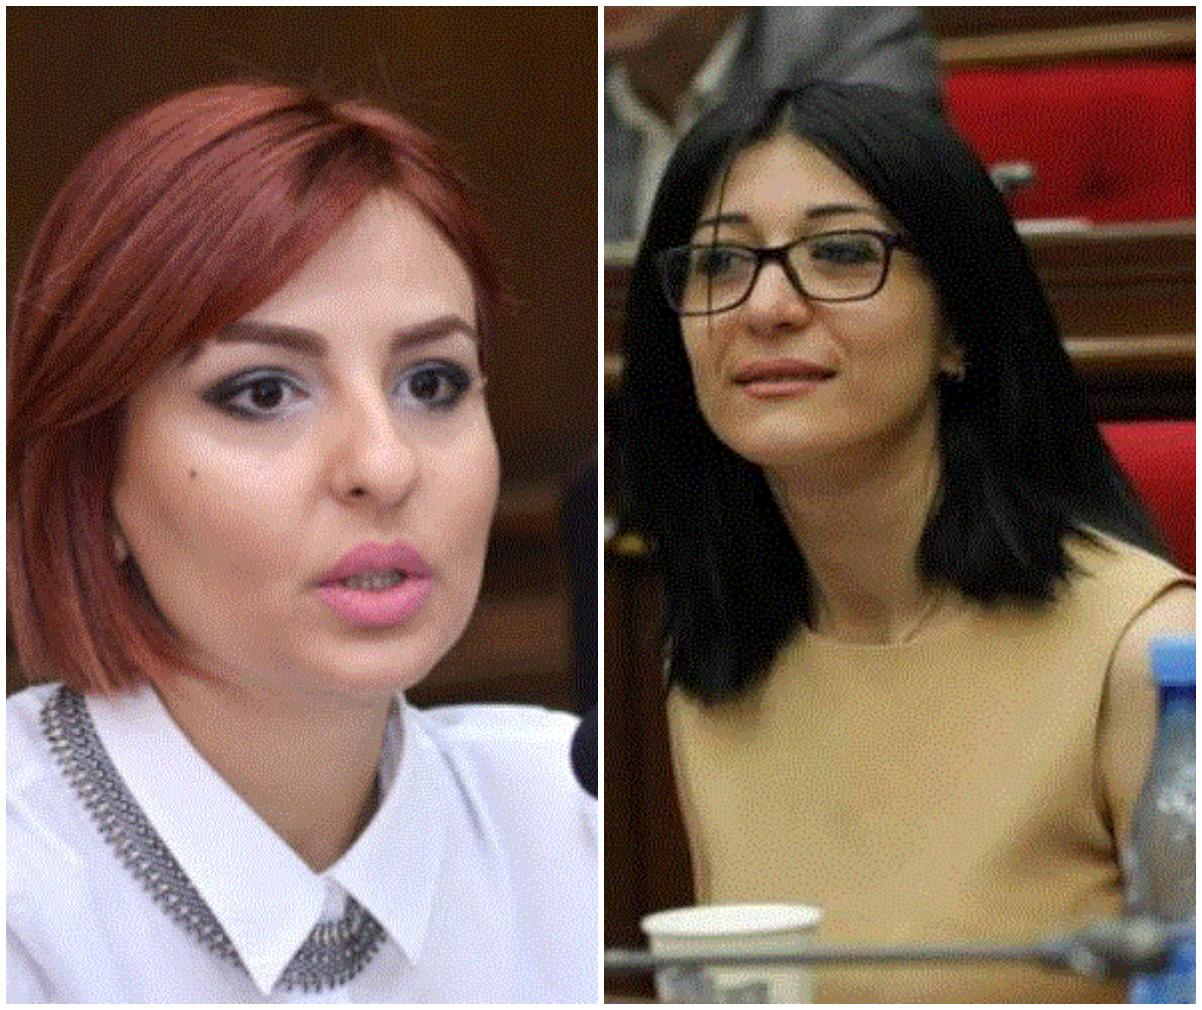 Photo of Քաղաքական հետապնդու՞մ, թե՞ իրավական գործընթաց. «Լուսավոր Հայաստանի» և «Իմ քայլի» պատգամավորների տեսակետները